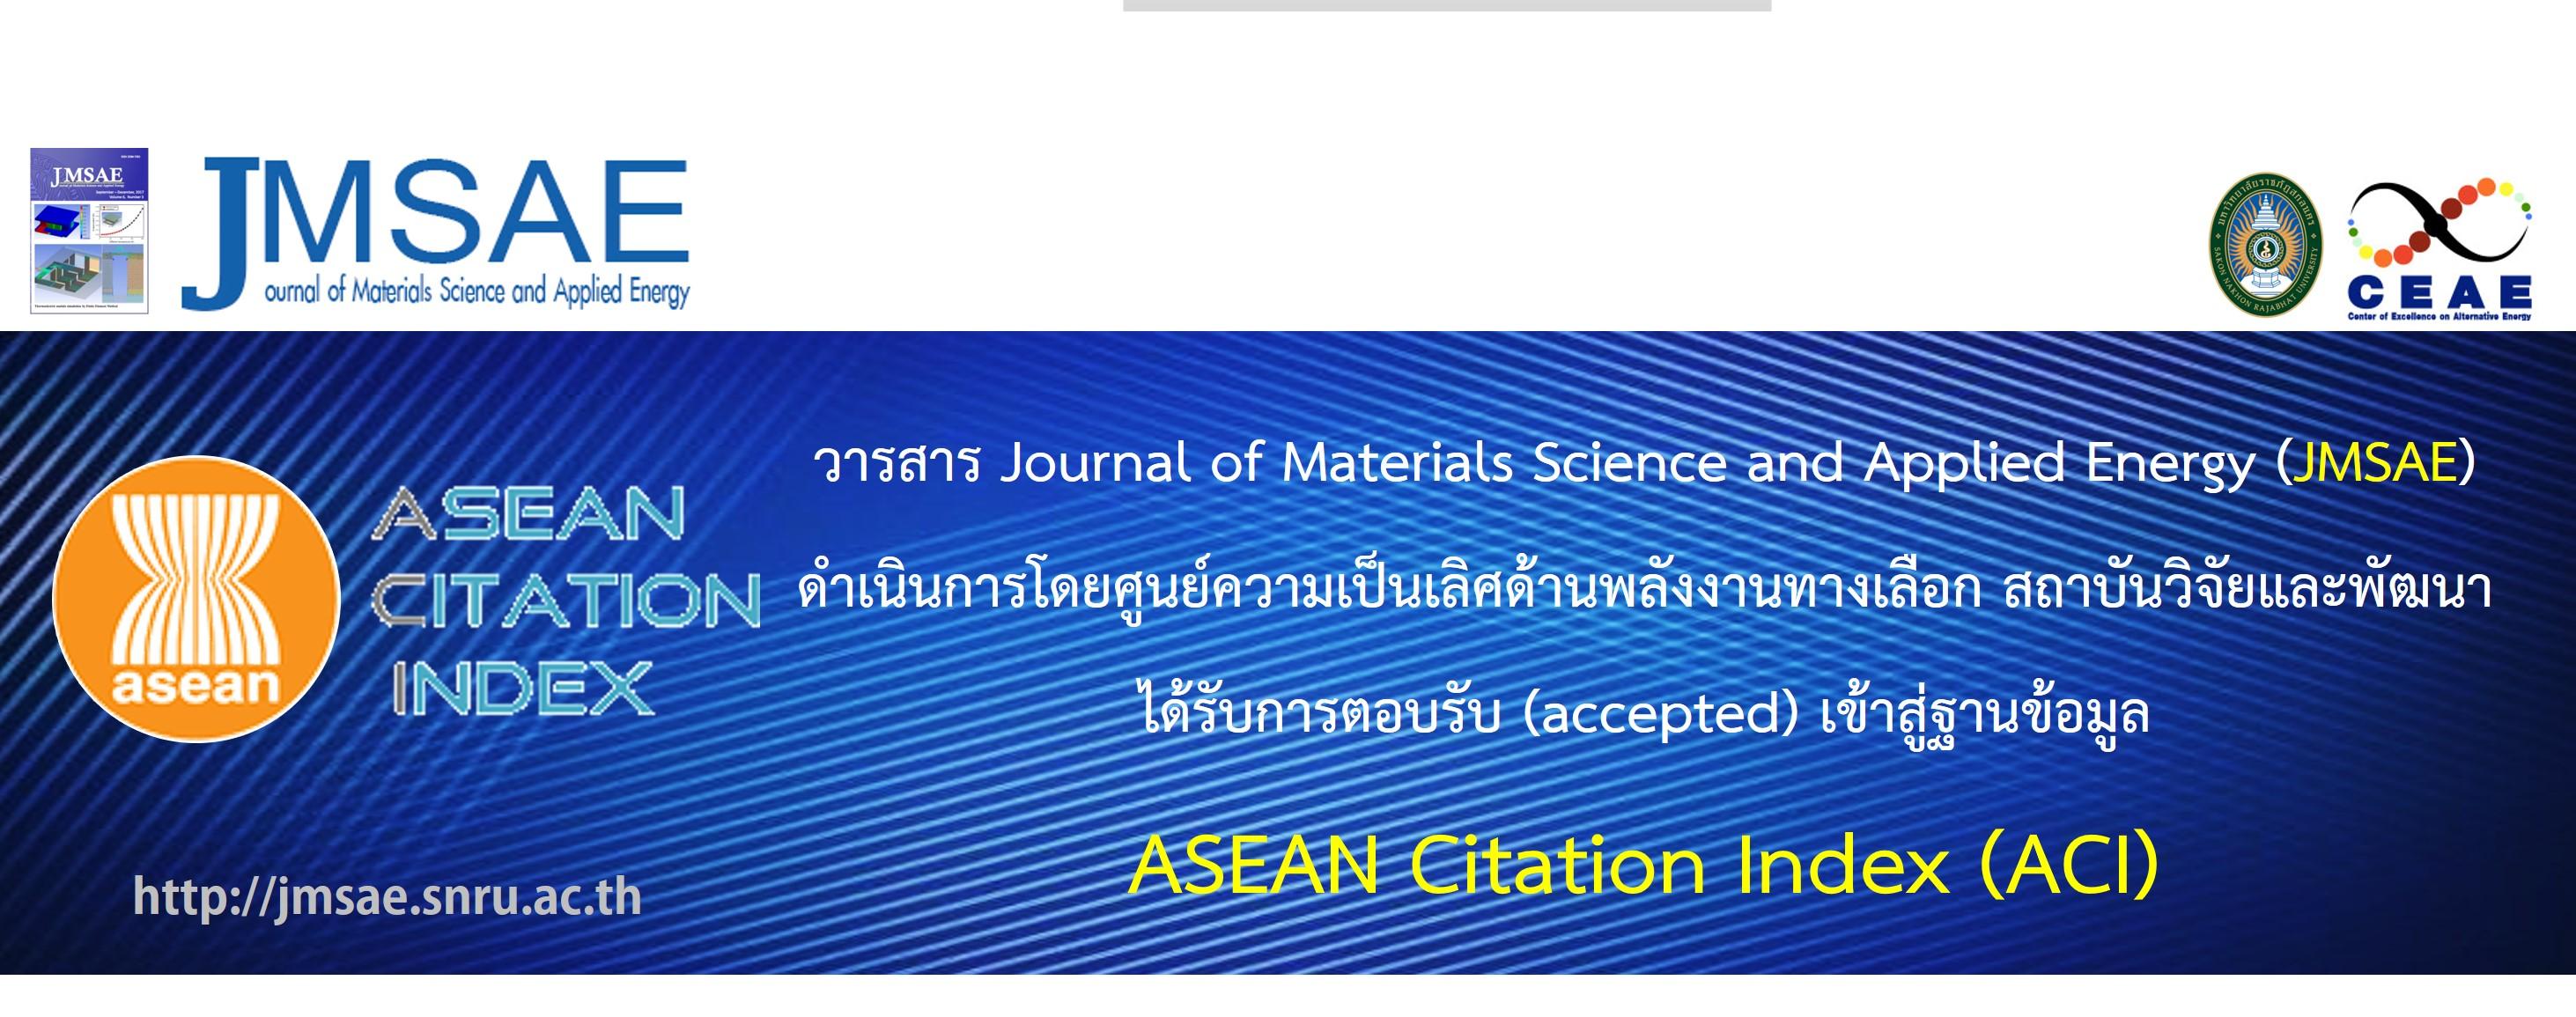 JMSAE เข้าสู่ฐานข้อมูล AIC